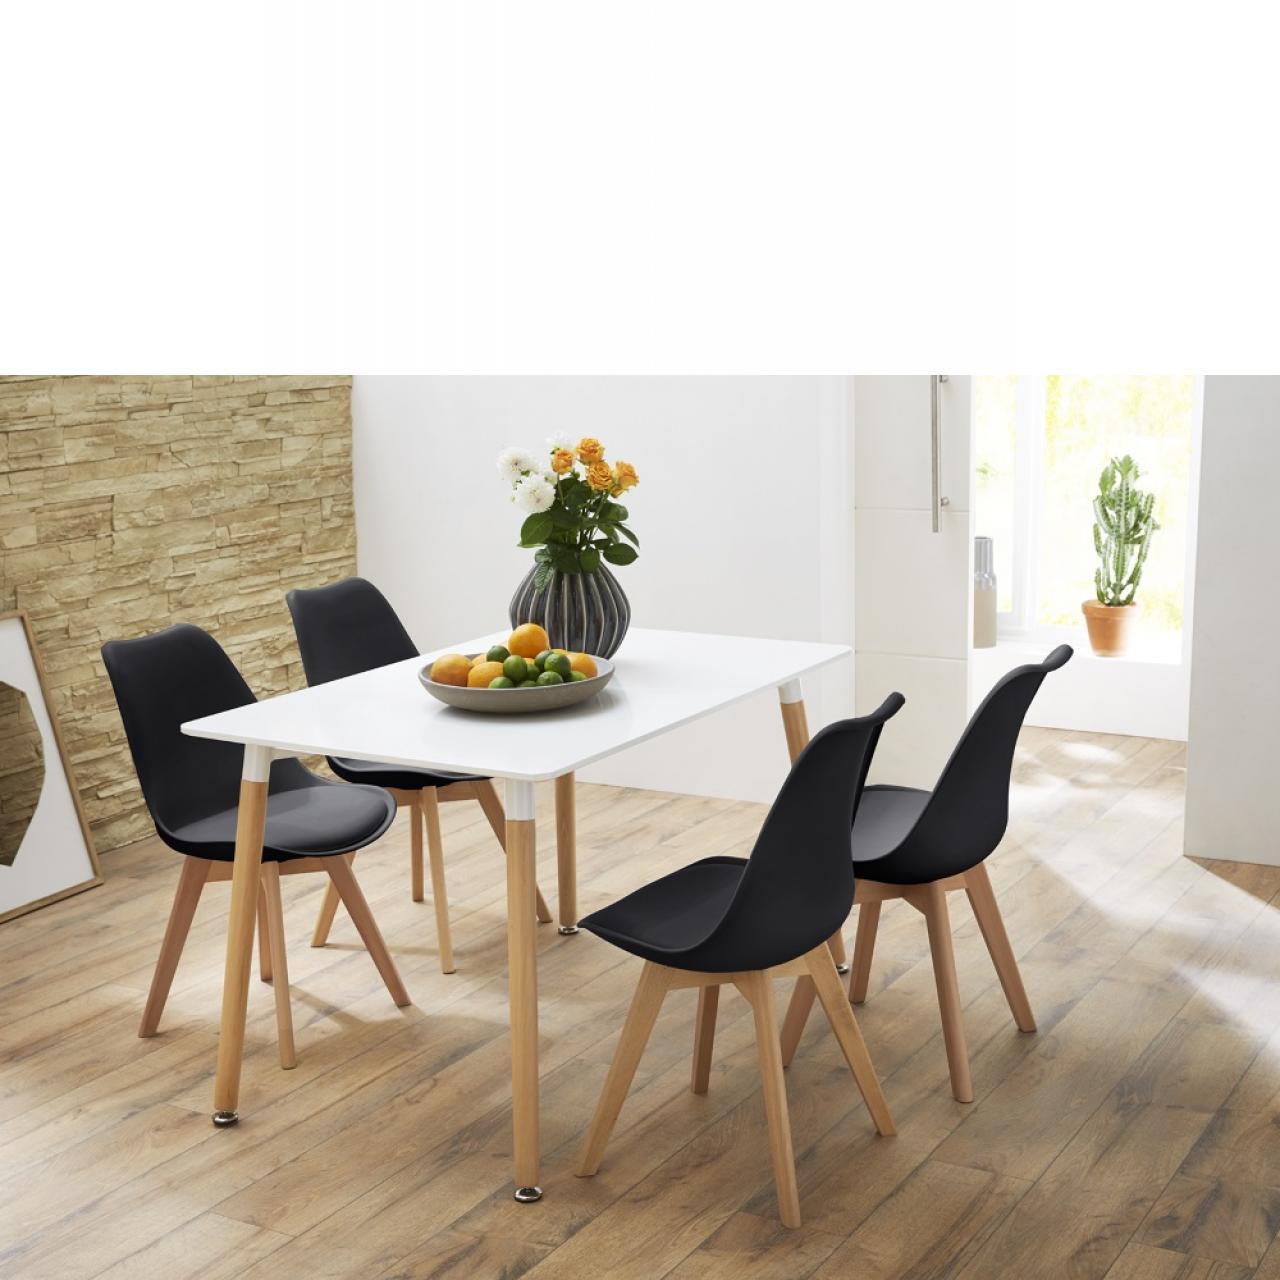 tisch gr nland in buche wei 80x120 esstische esszimmer wohnen m bel j hnichen center gmbh. Black Bedroom Furniture Sets. Home Design Ideas